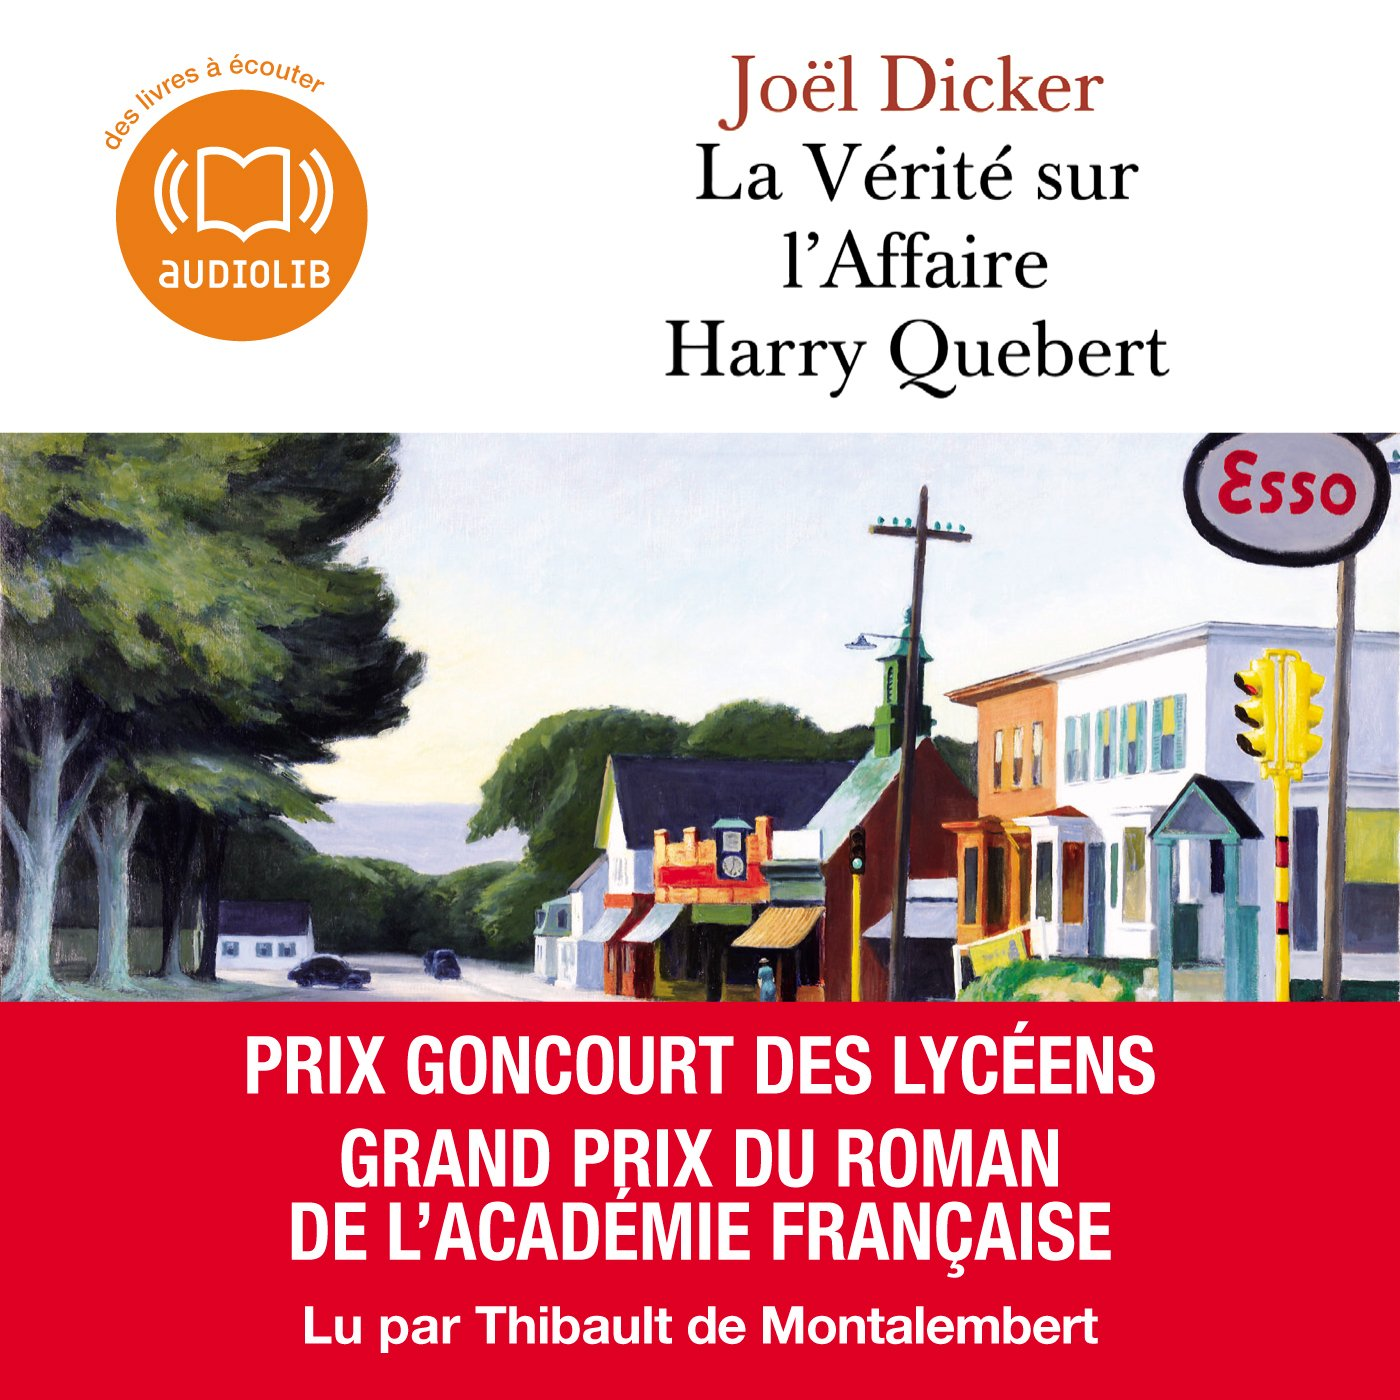 La Vérité sur l'Affaire Harry Quebert , de Joël Dicker